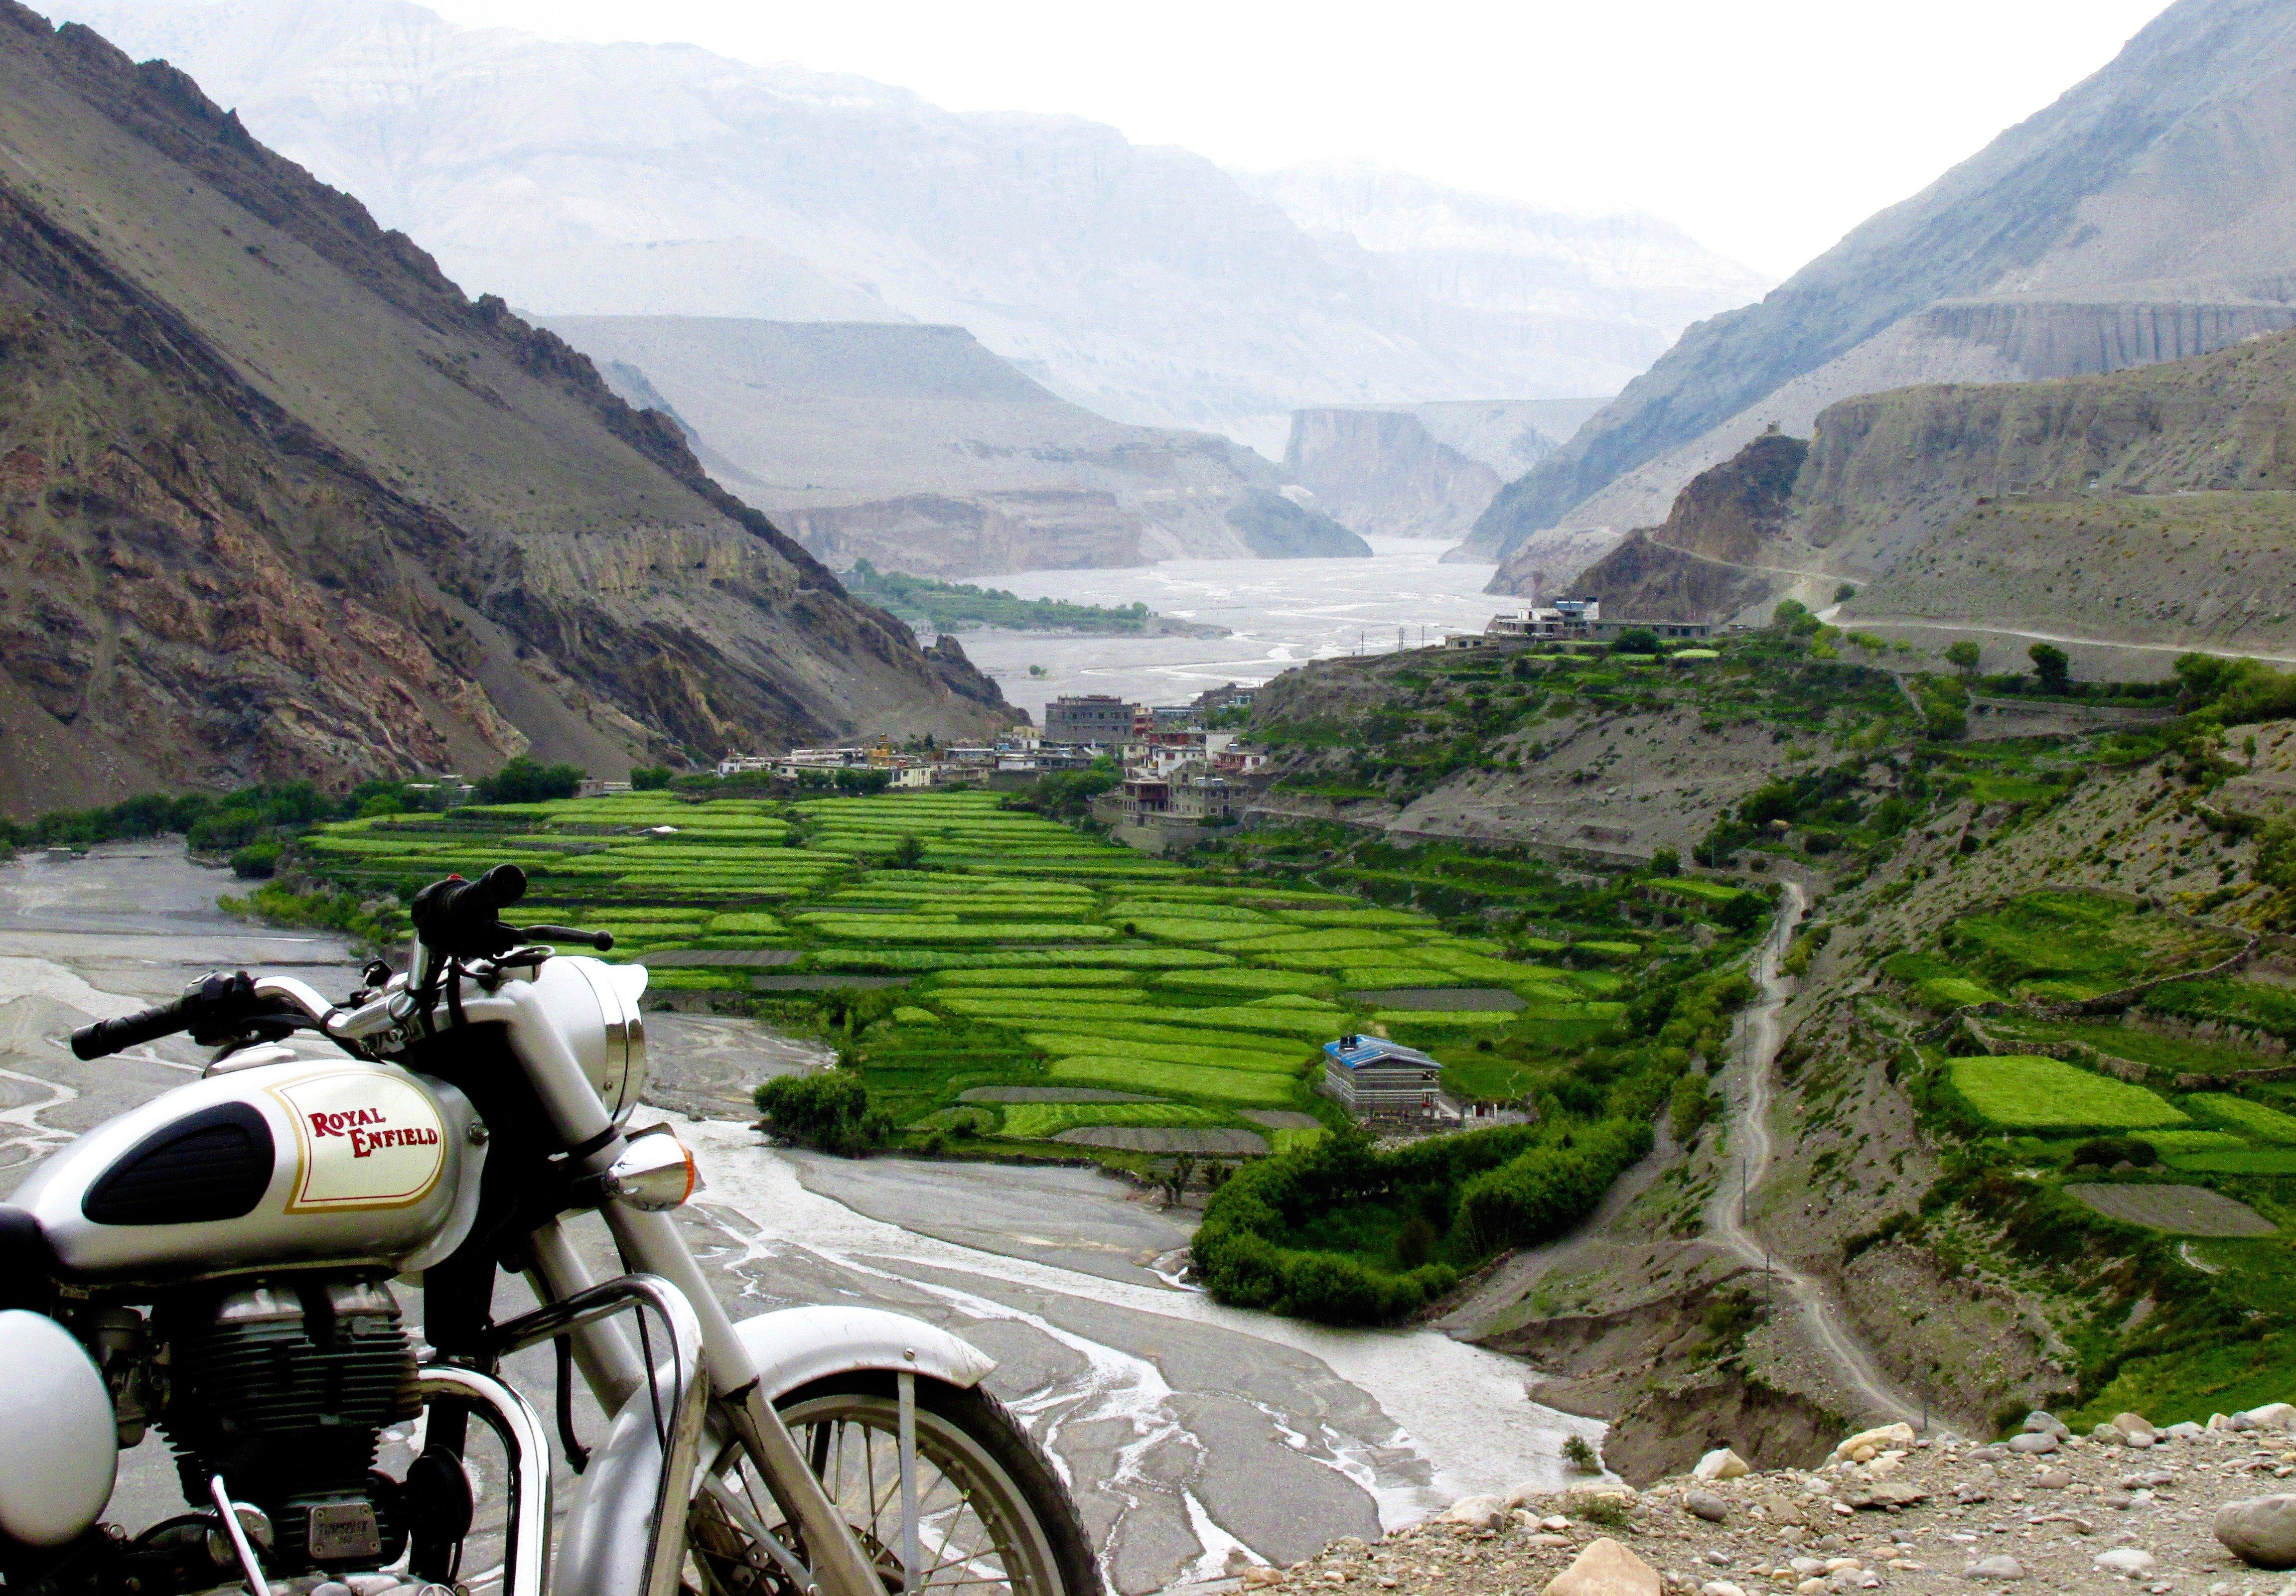 Motorcycle road trip Nepal & Bhutan - Nepal Forever